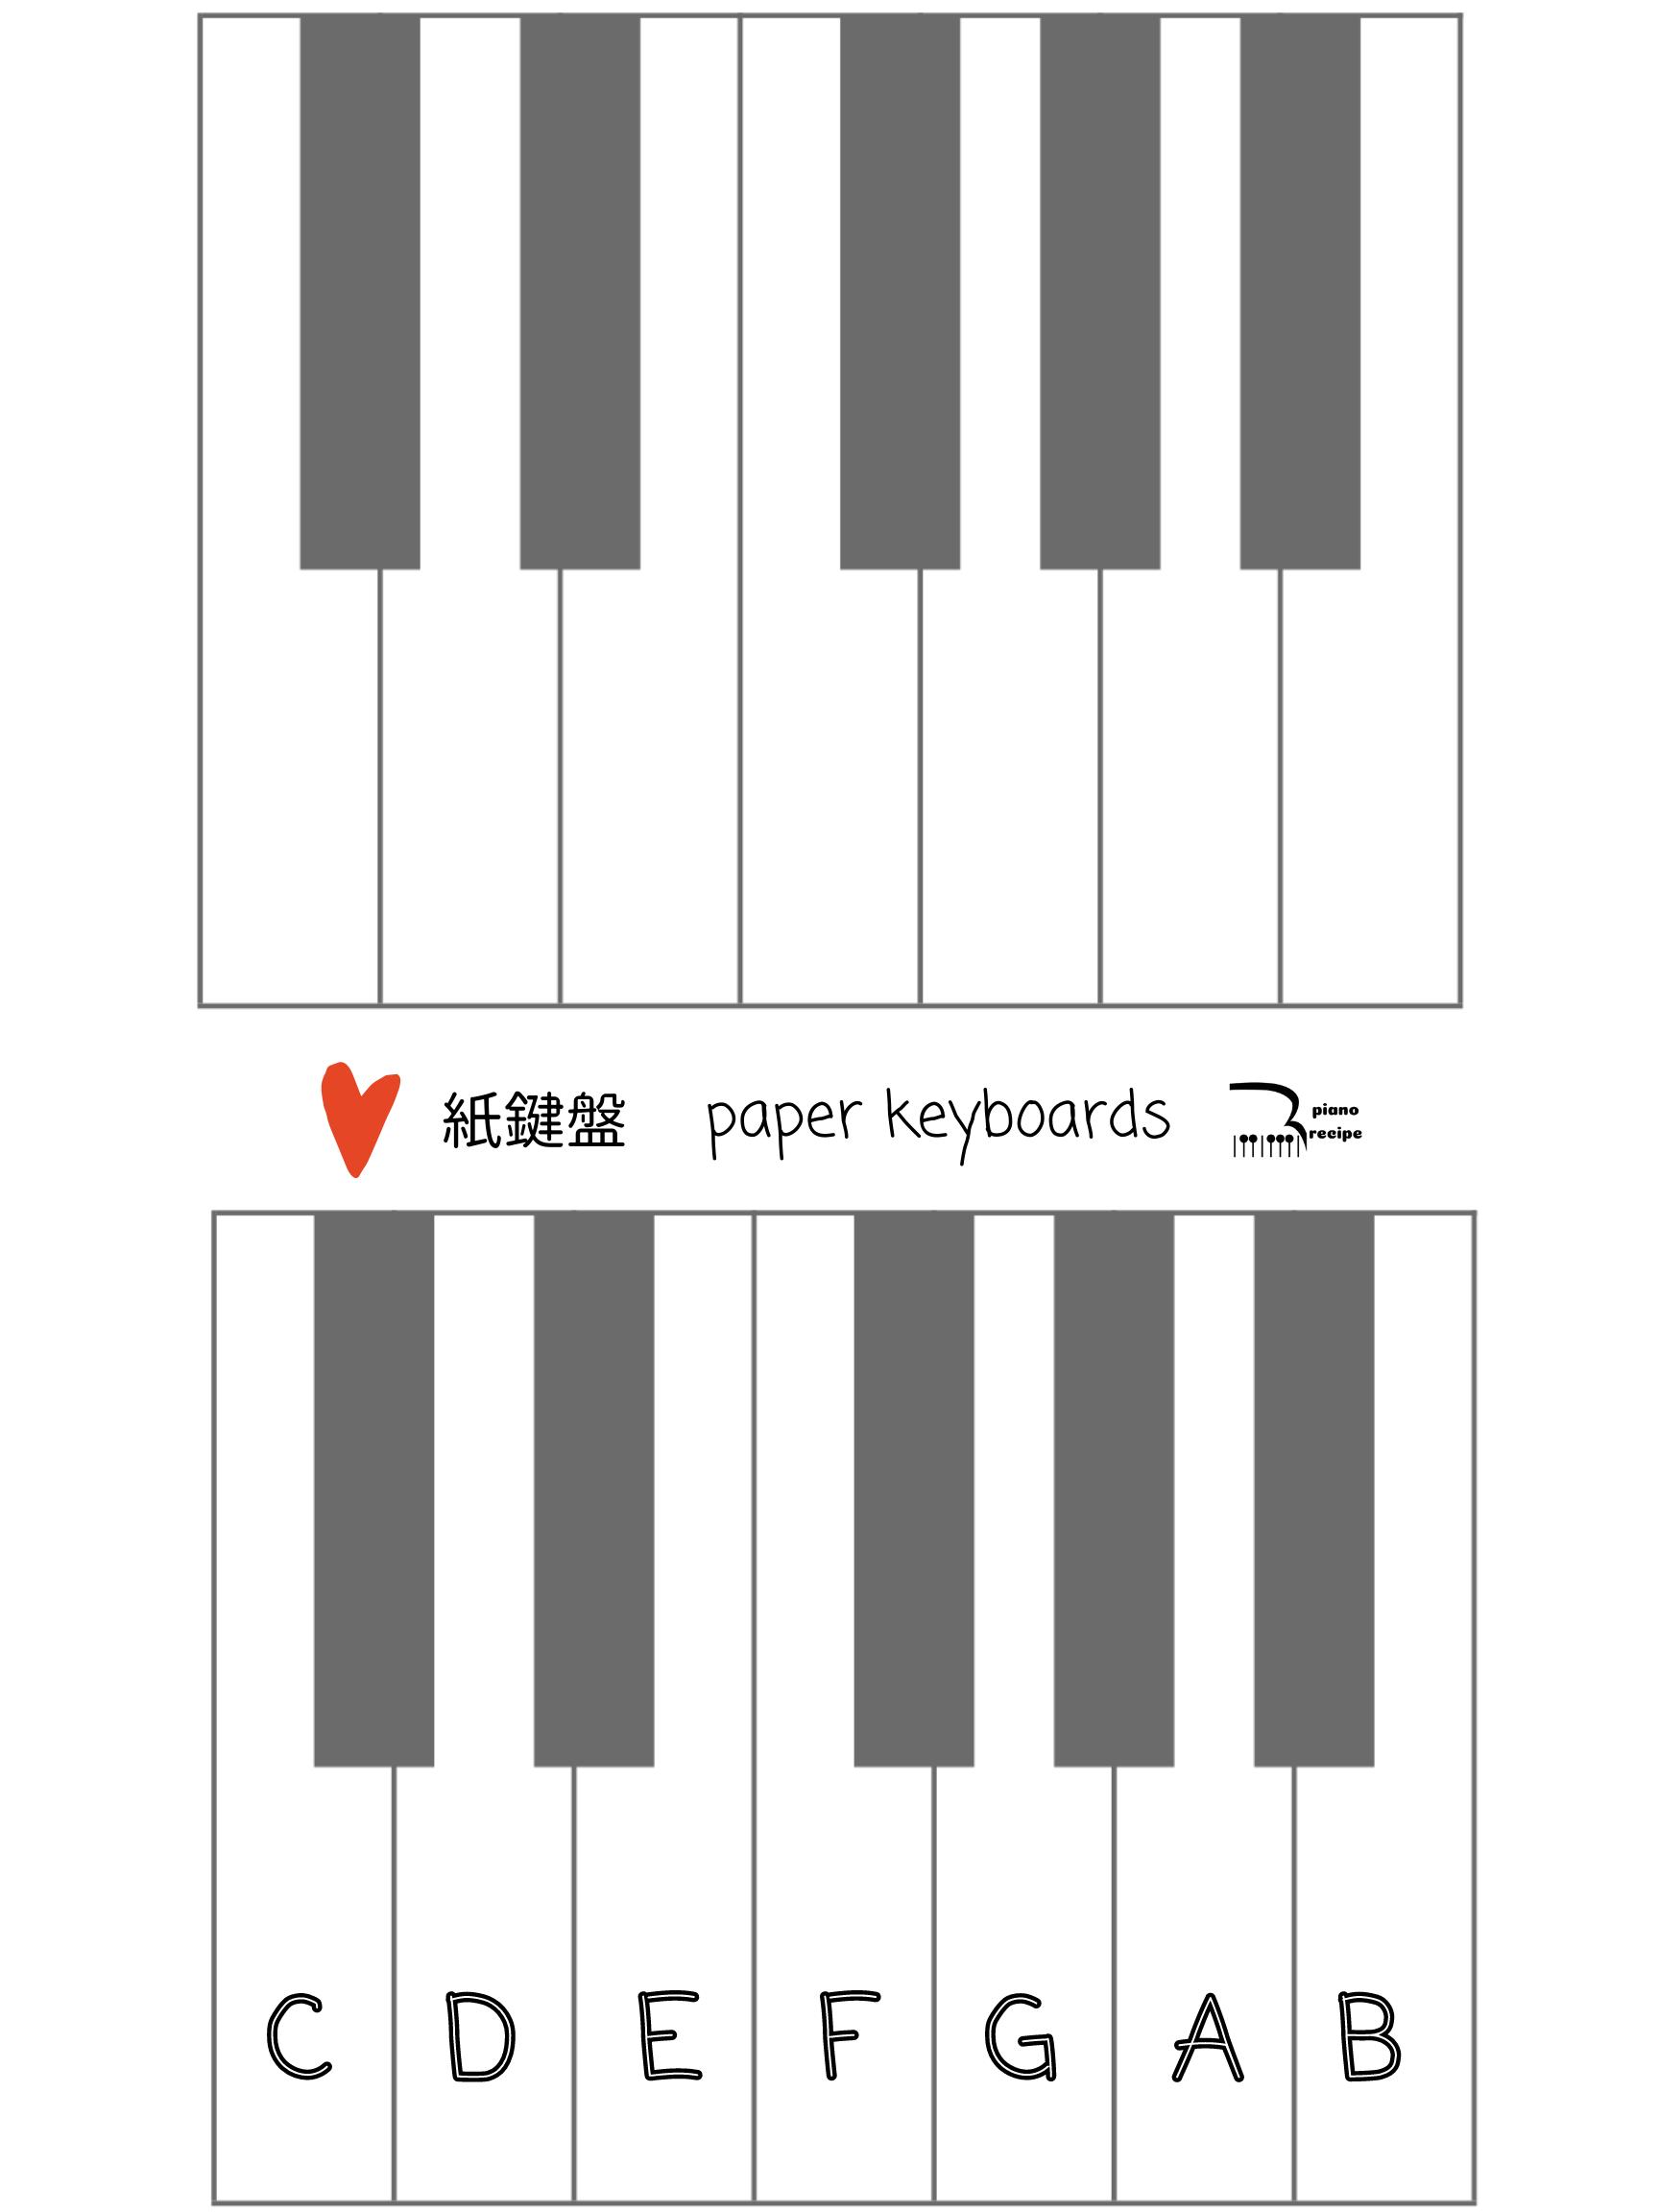 ピアノレシピ 紙鍵盤1